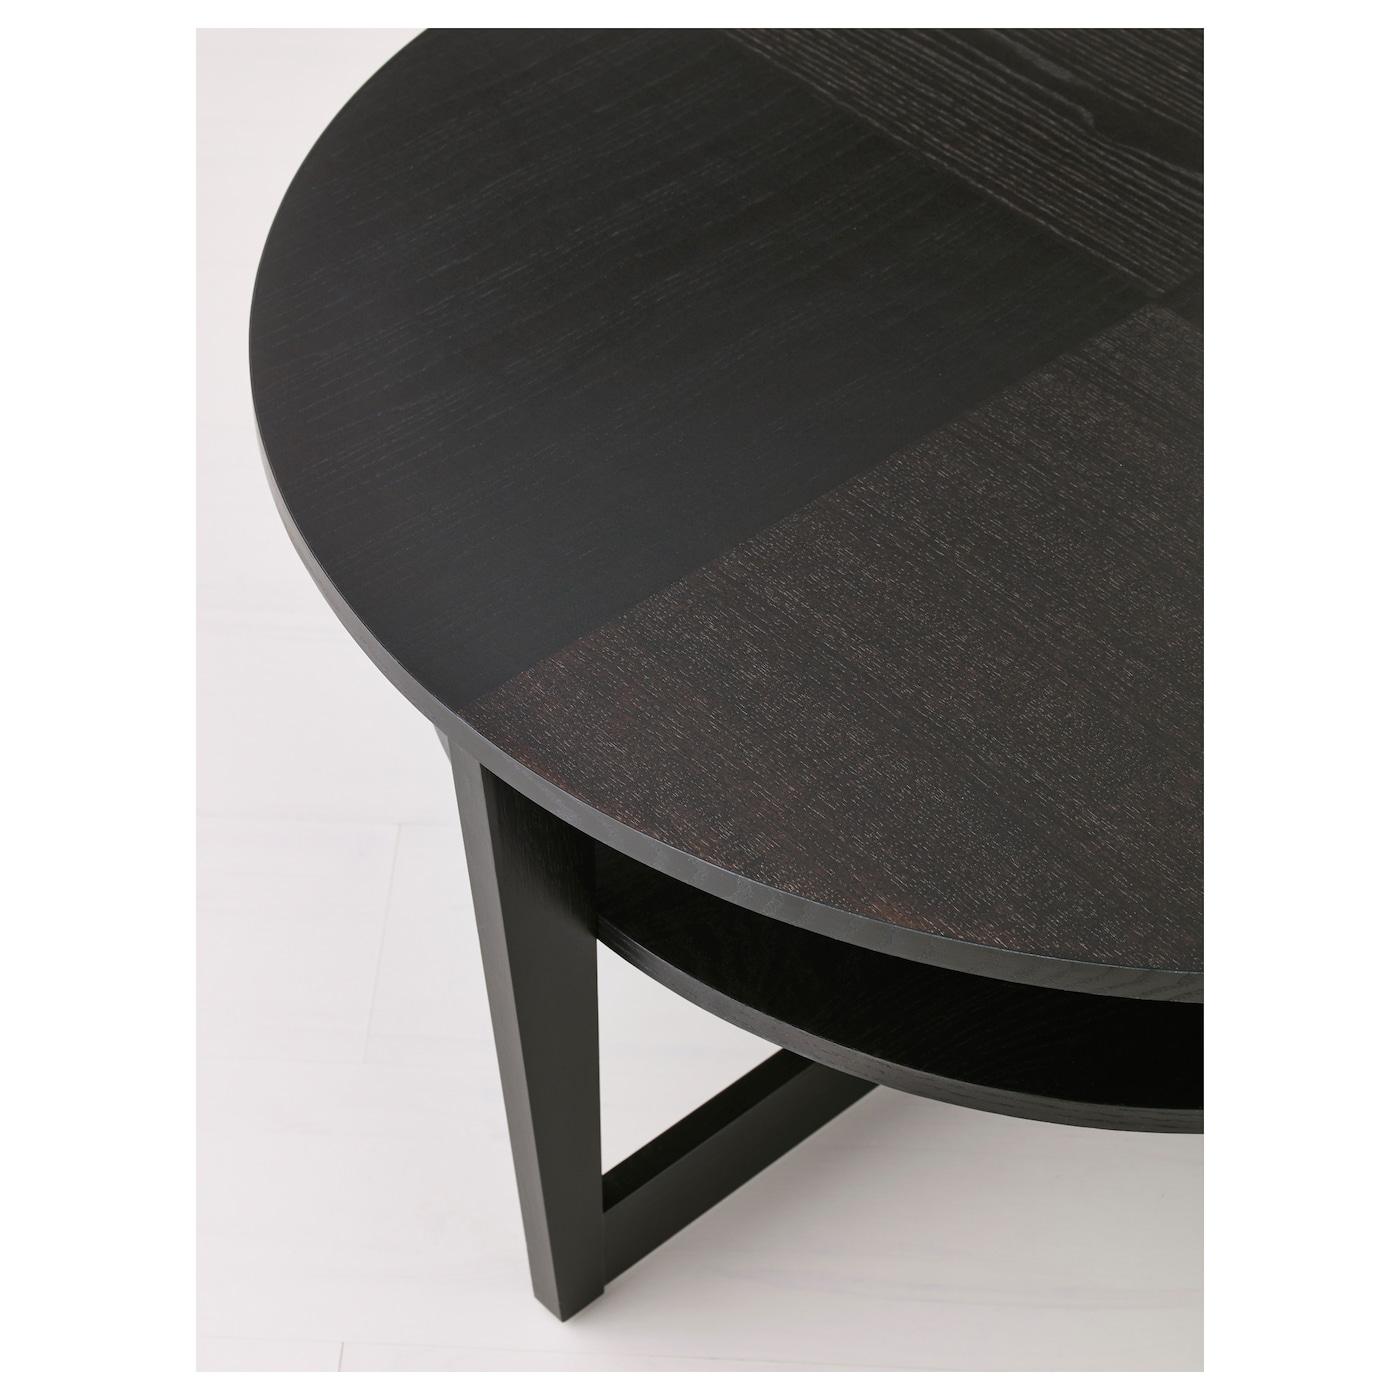 VEJMON Soffbord, svartbrun, 90 cm IKEA